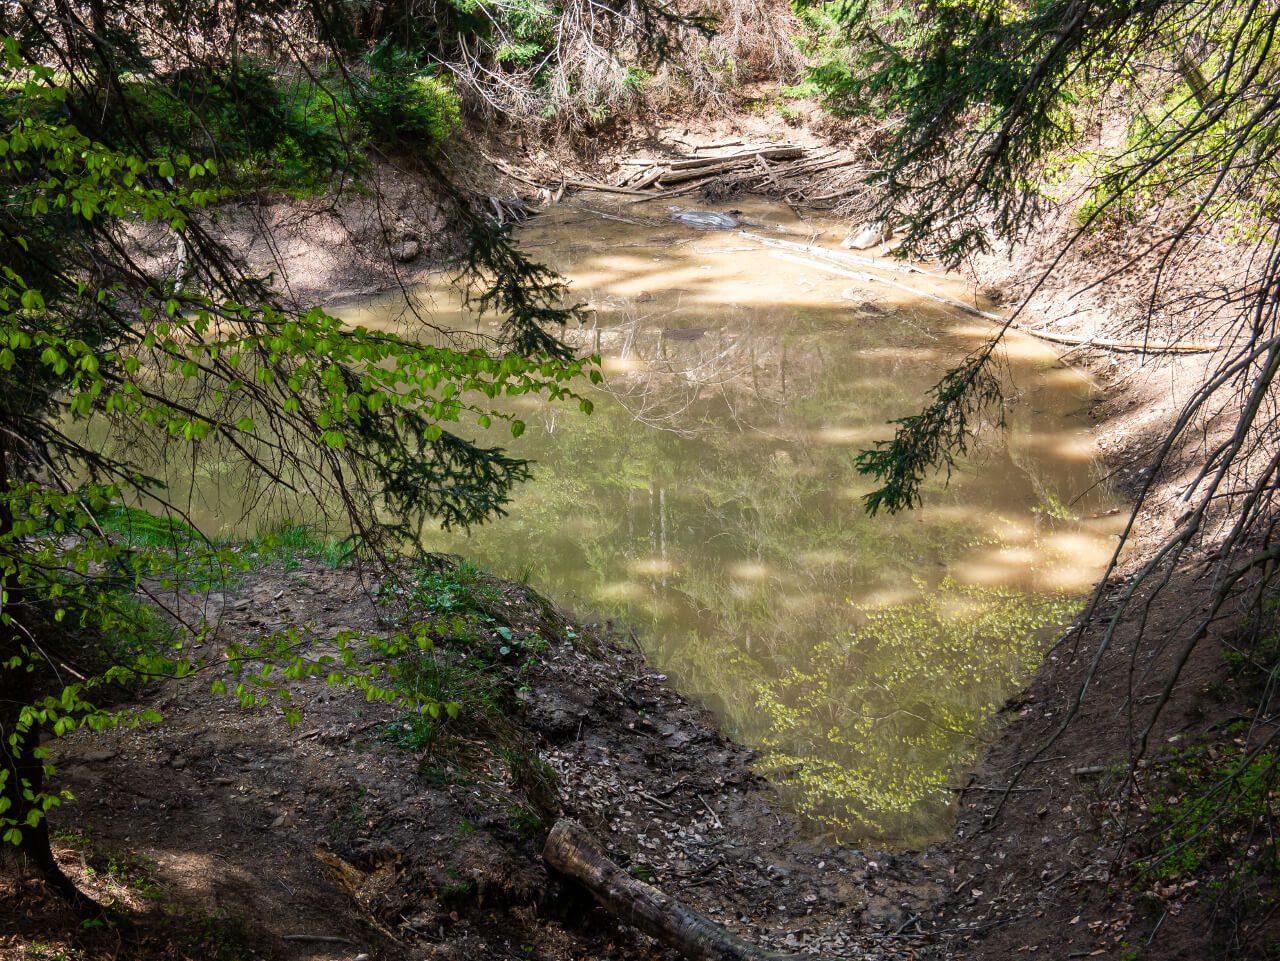 zielone jeziorko rudawy janowickie kolorowe jeziorka